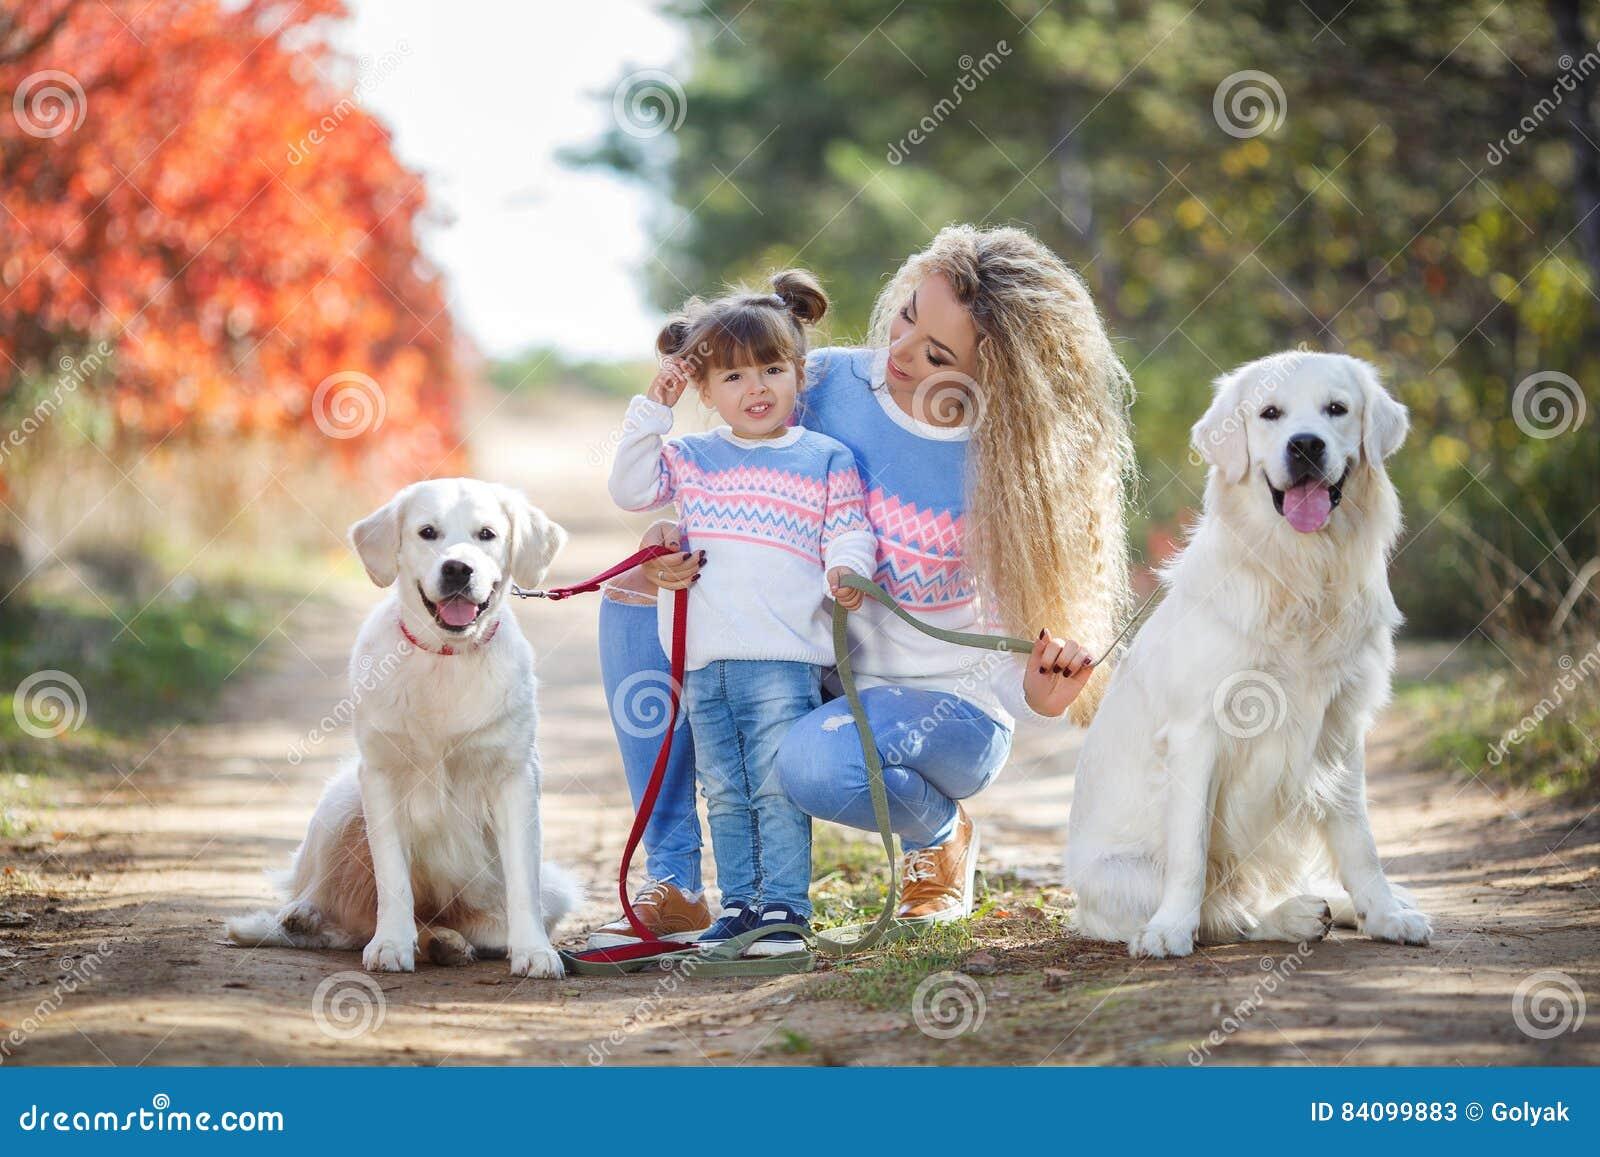 молодую по собачьи